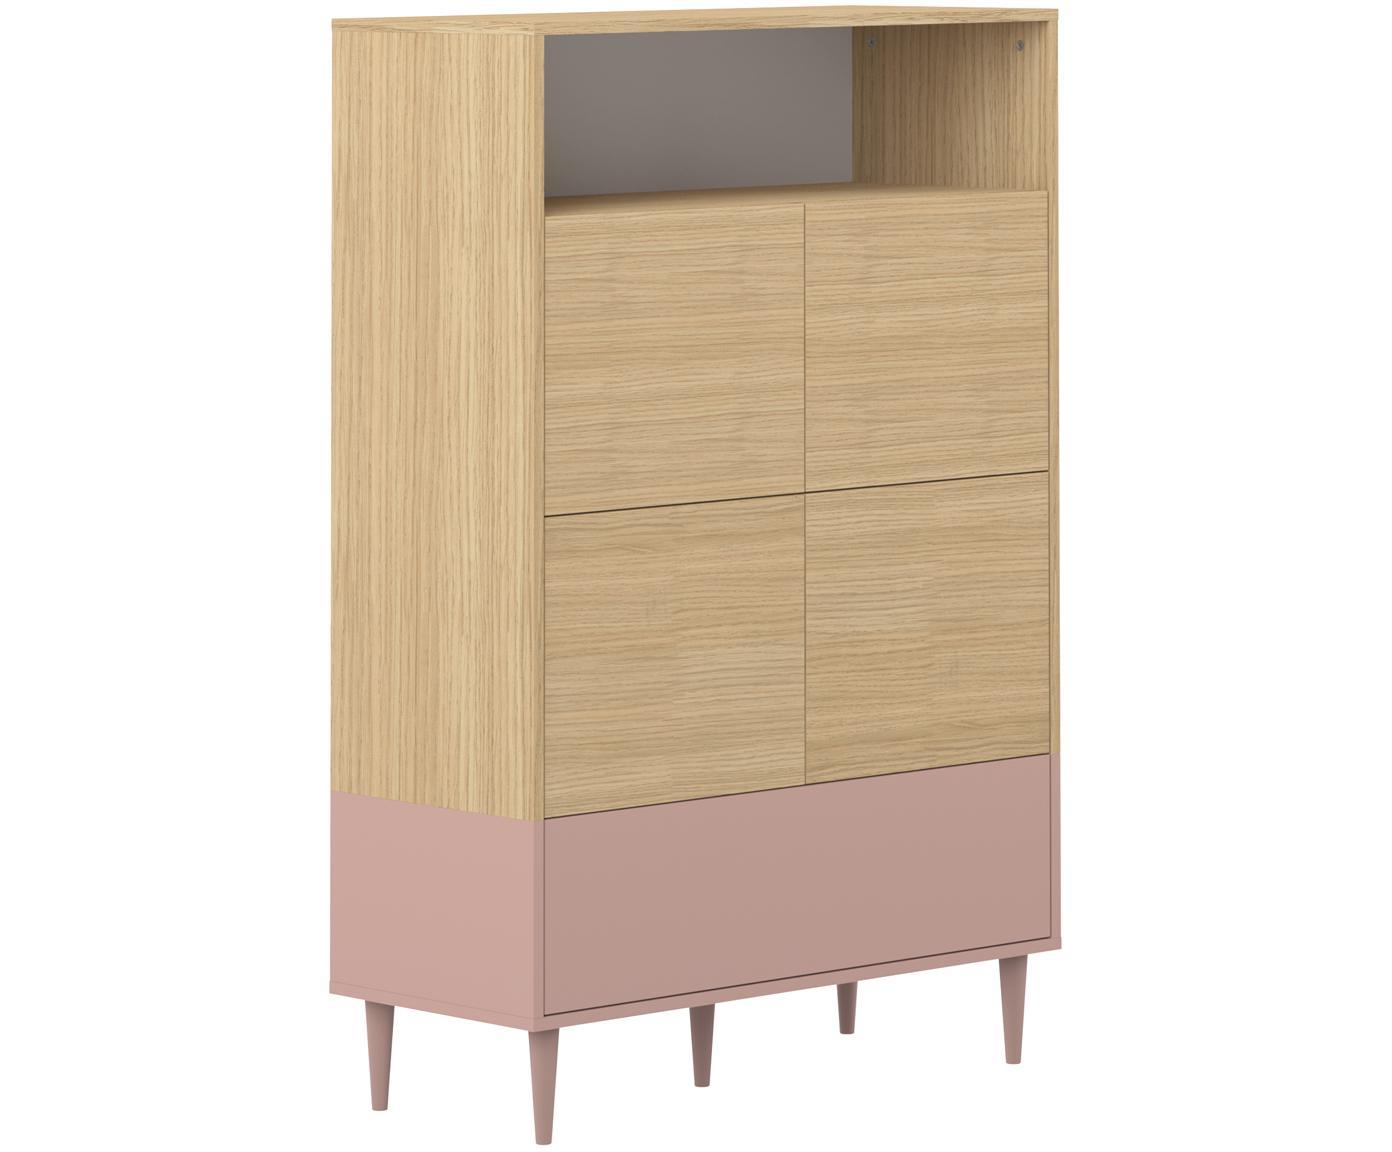 Wysoka komoda scandi Horizon, Korpus: płyta wiórowa pokryta mel, Nogi: lite drewno bukowe, lakie, Drewno dębowe, brudny różowy, S 90 x W 141 cm